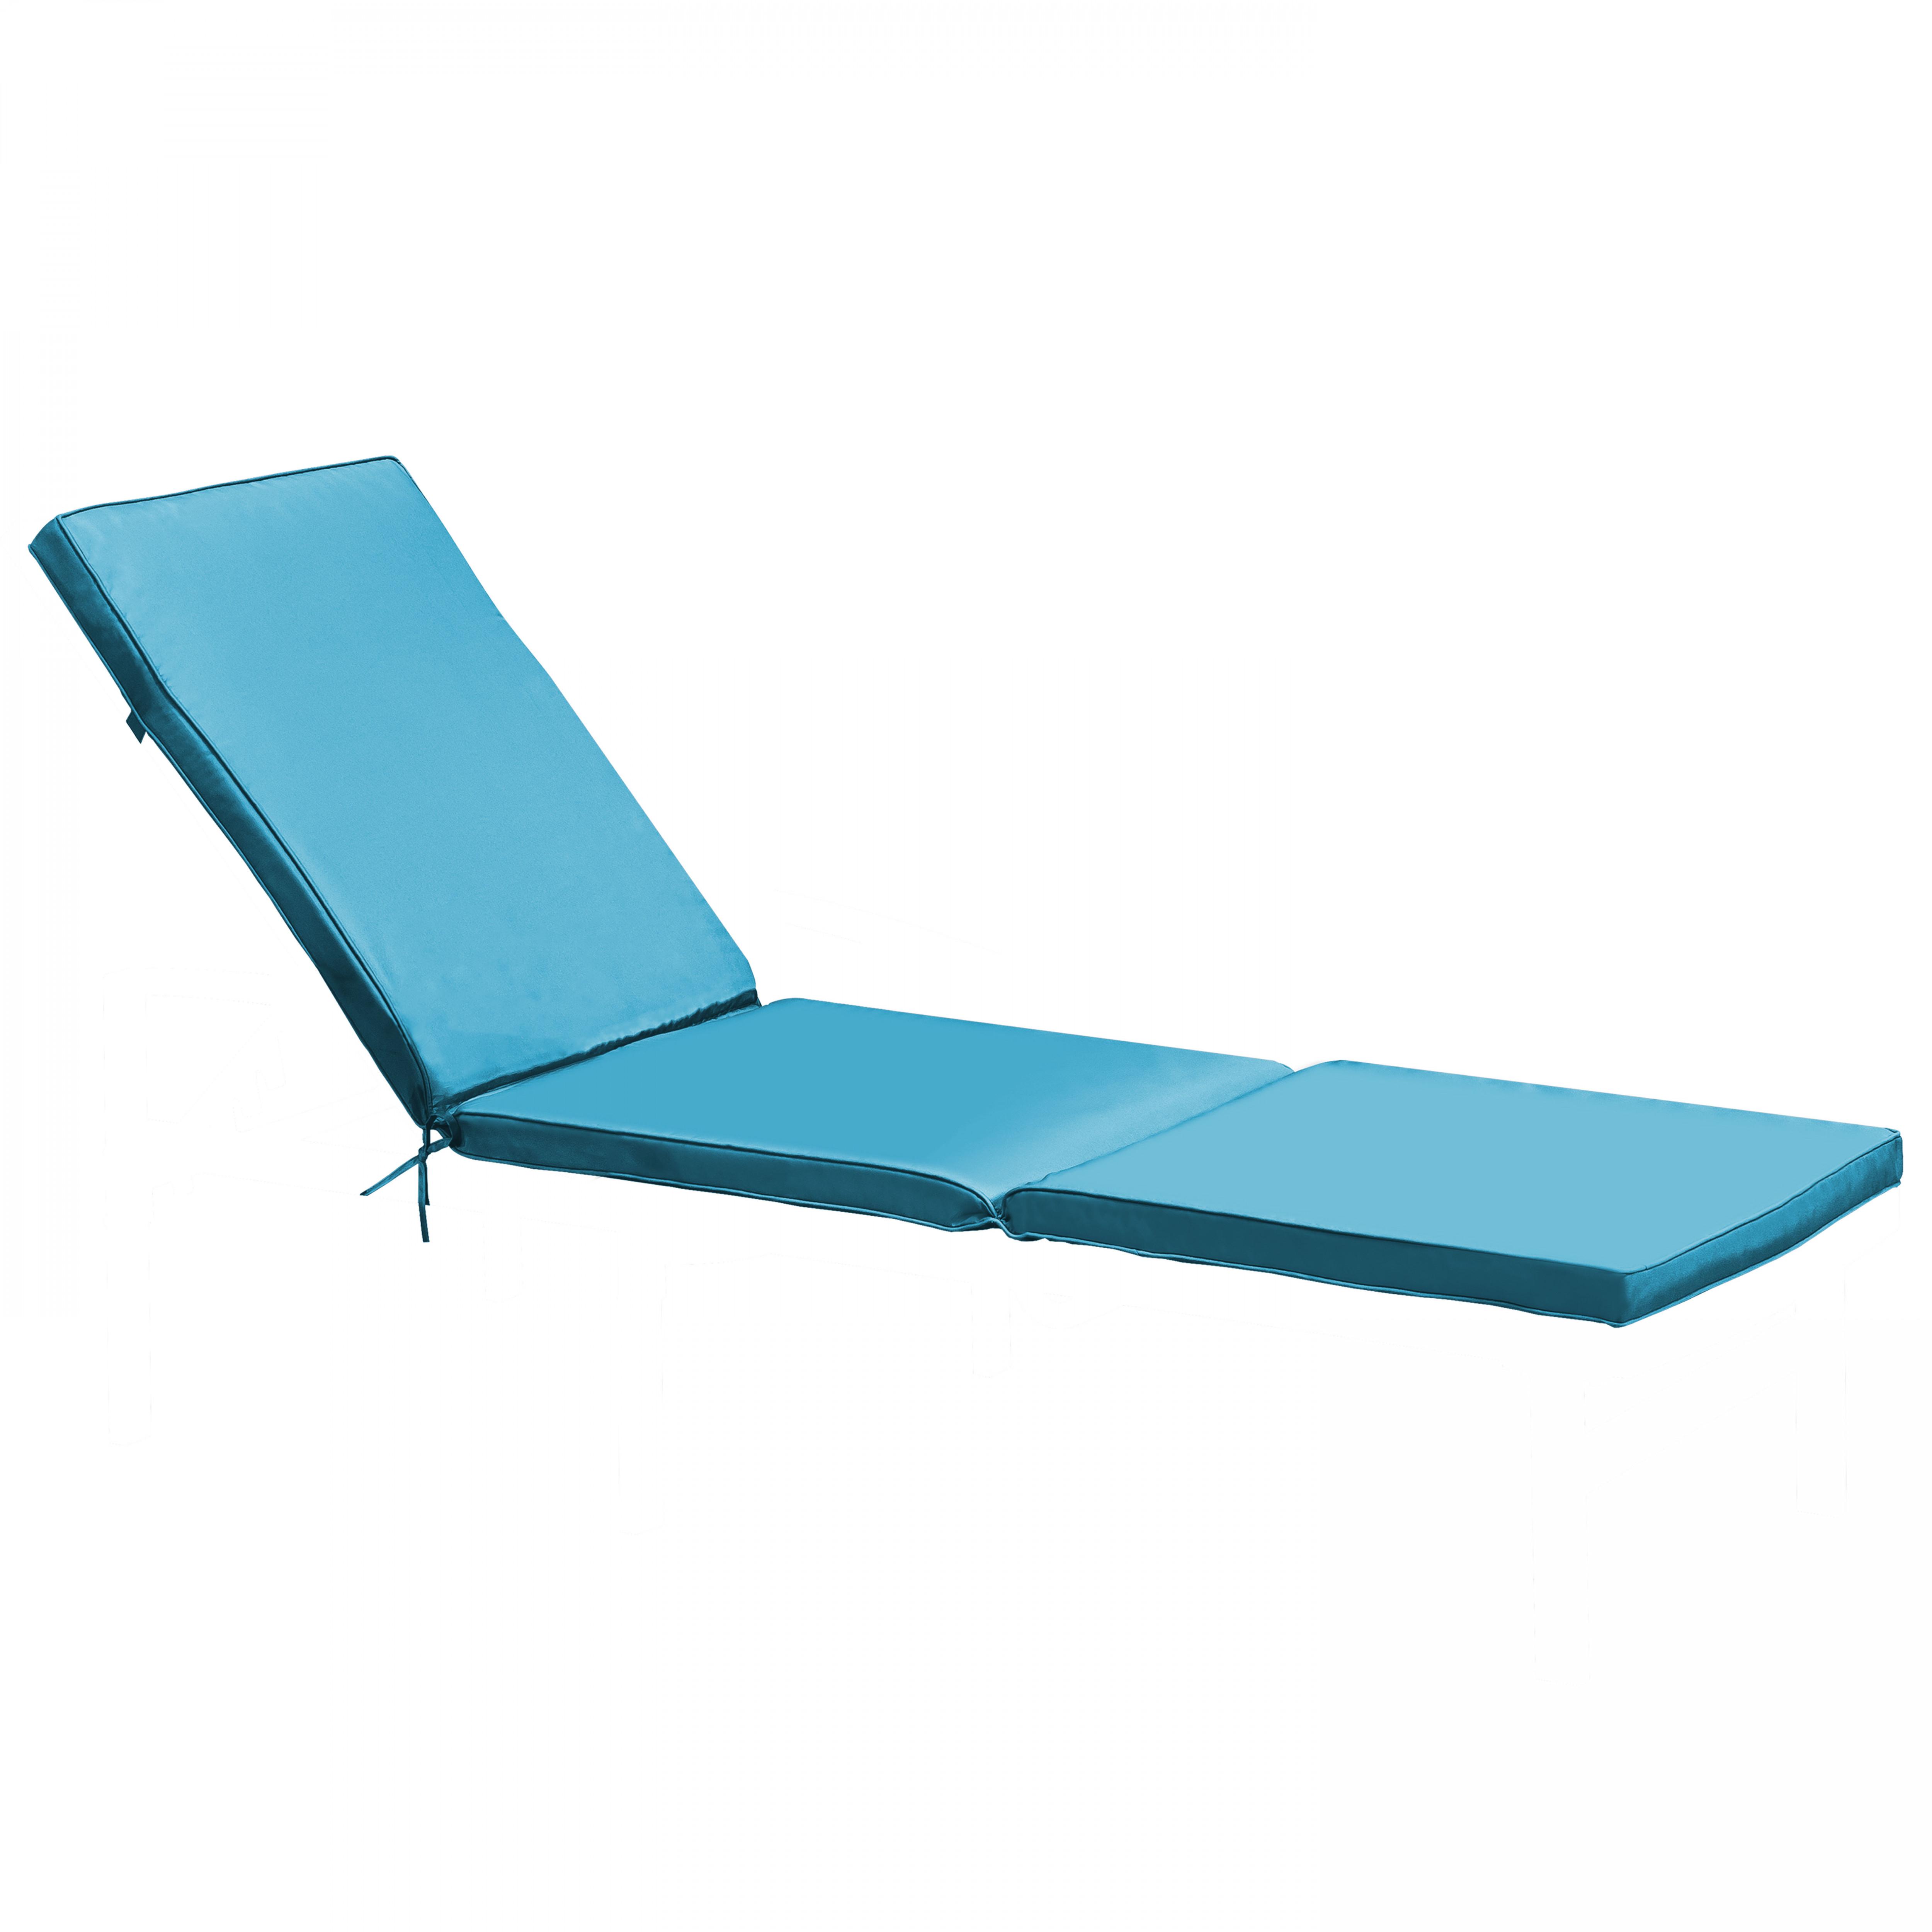 Coussin bain de soleil 1 place en polyester bleu